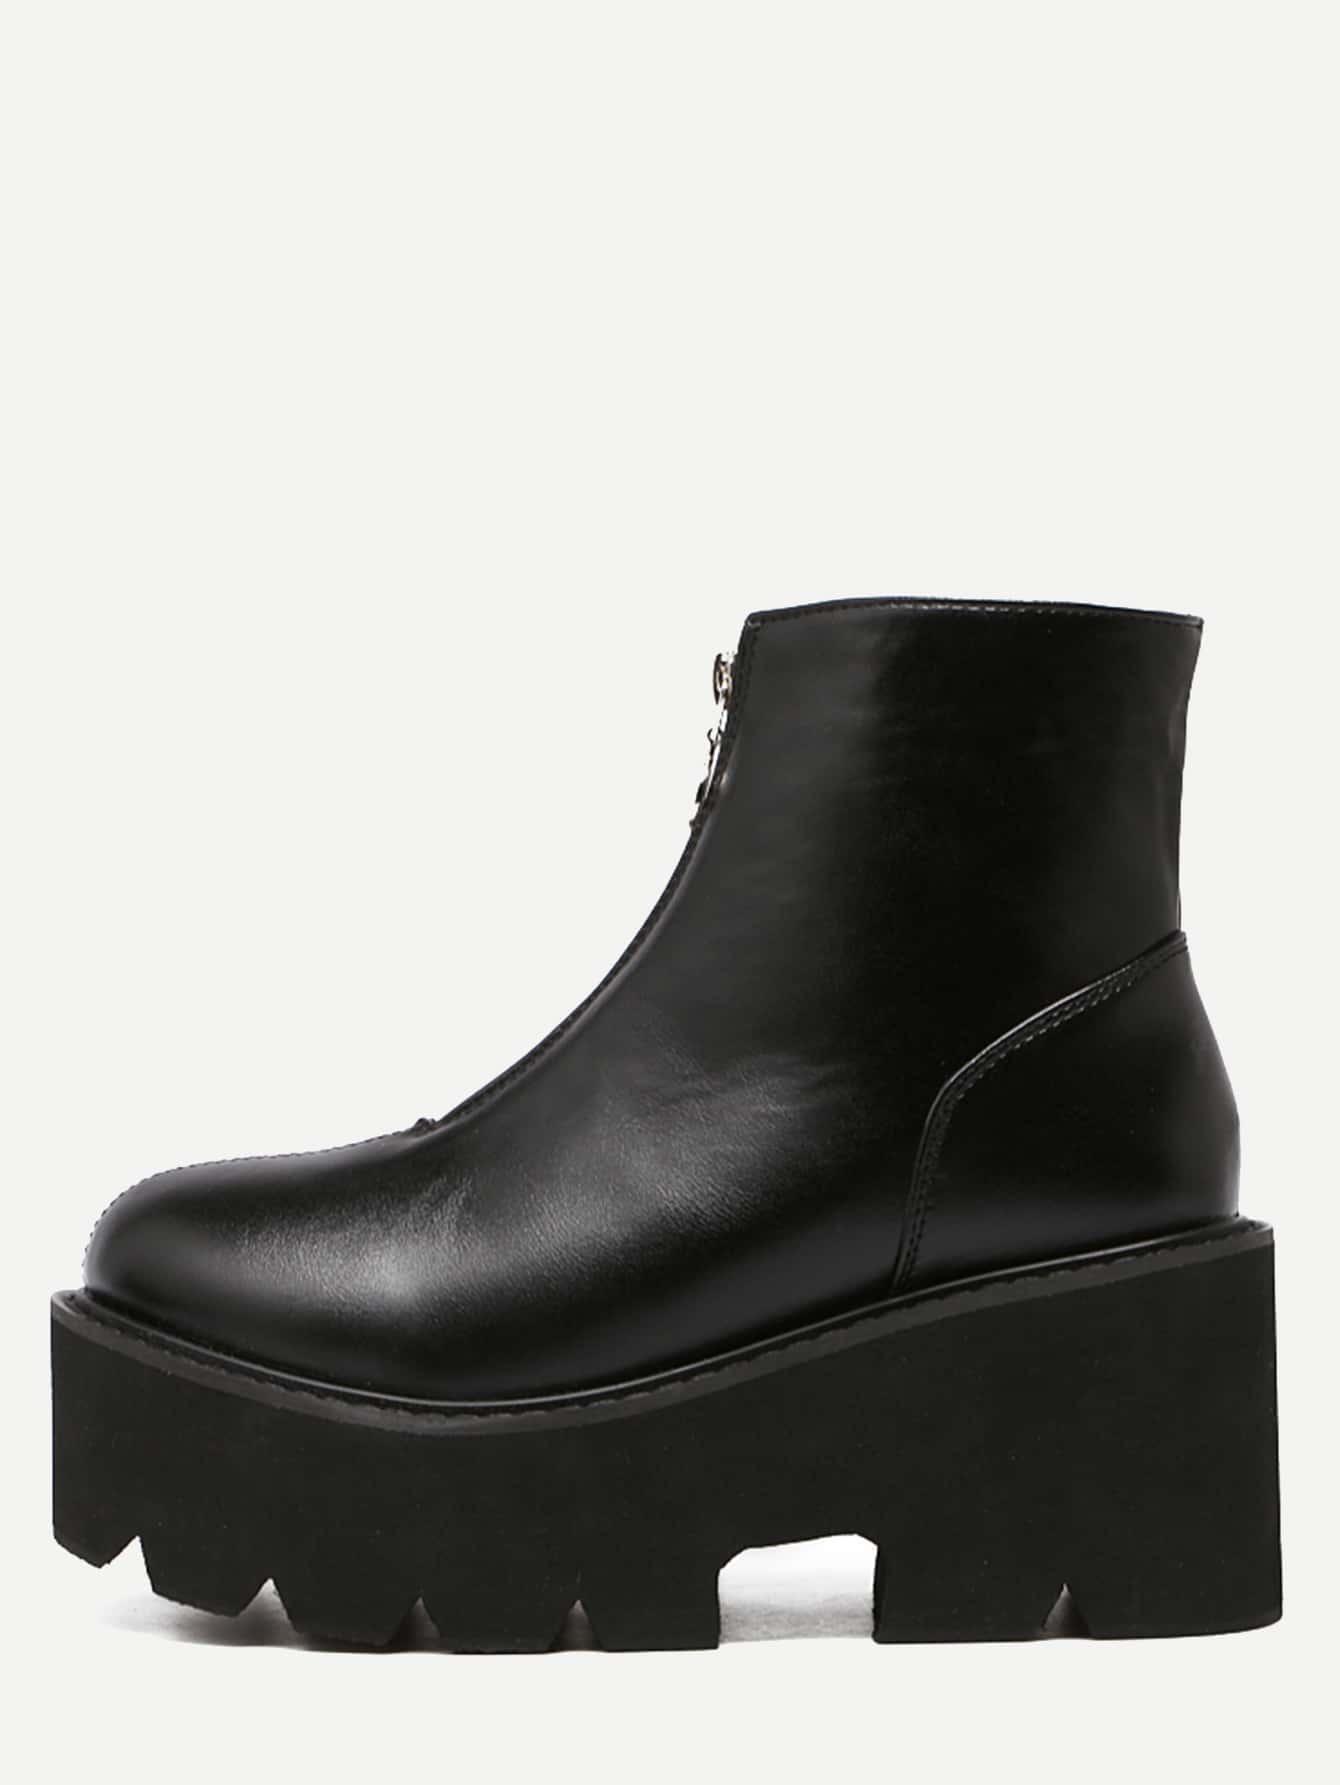 ac6c0c3219a Black Faux Leather Front Zipper Platform Boots EmmaCloth-Women Fast ...